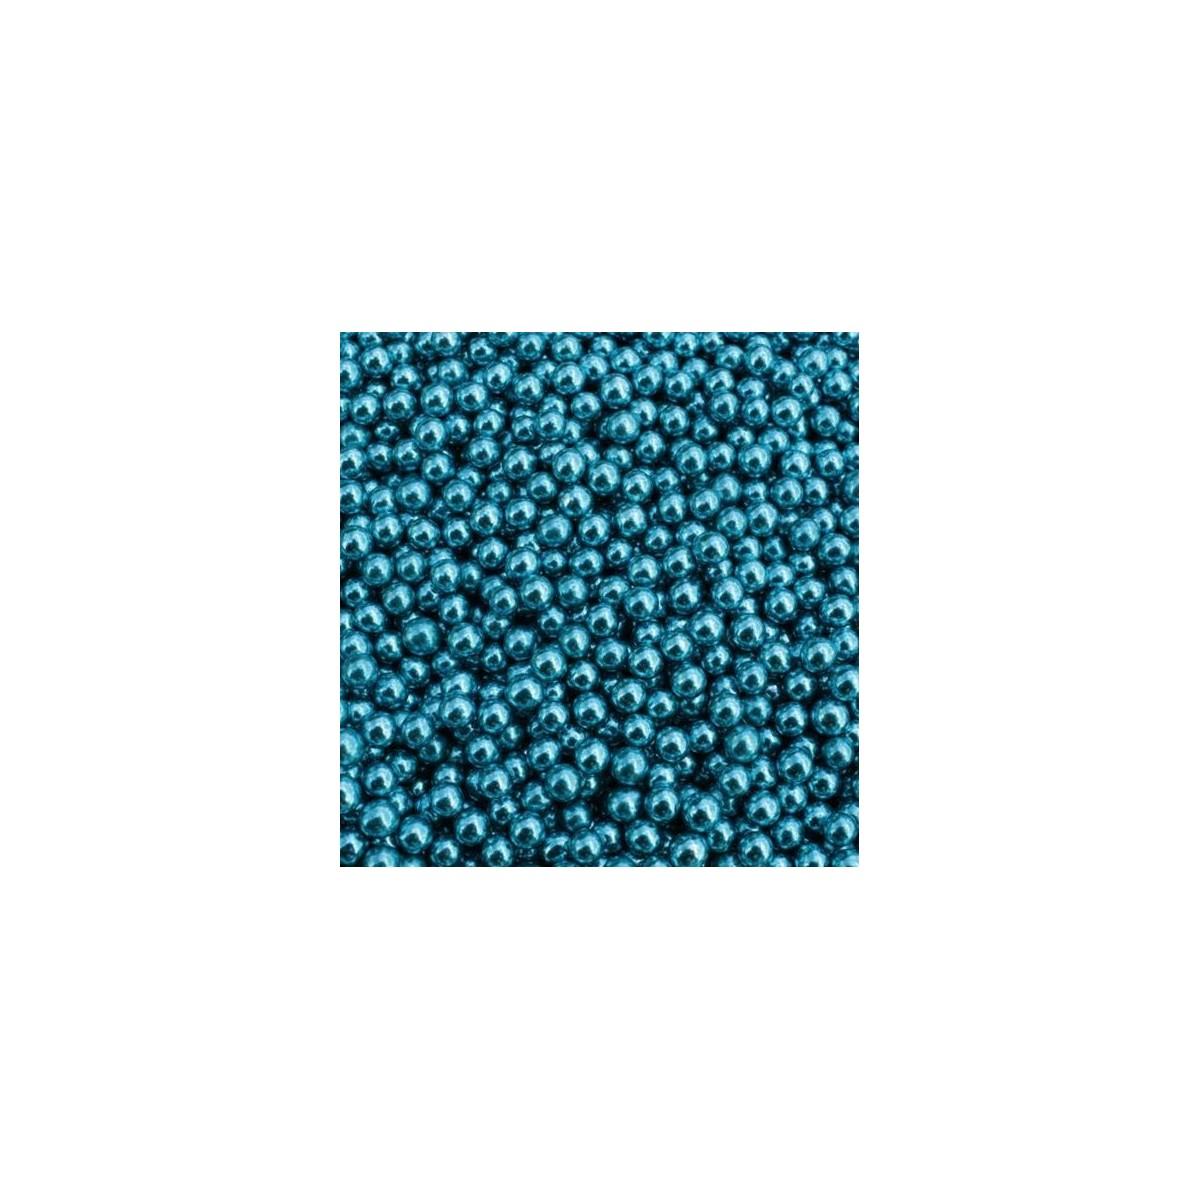 Dragées Perle Bleu Argenté 100g